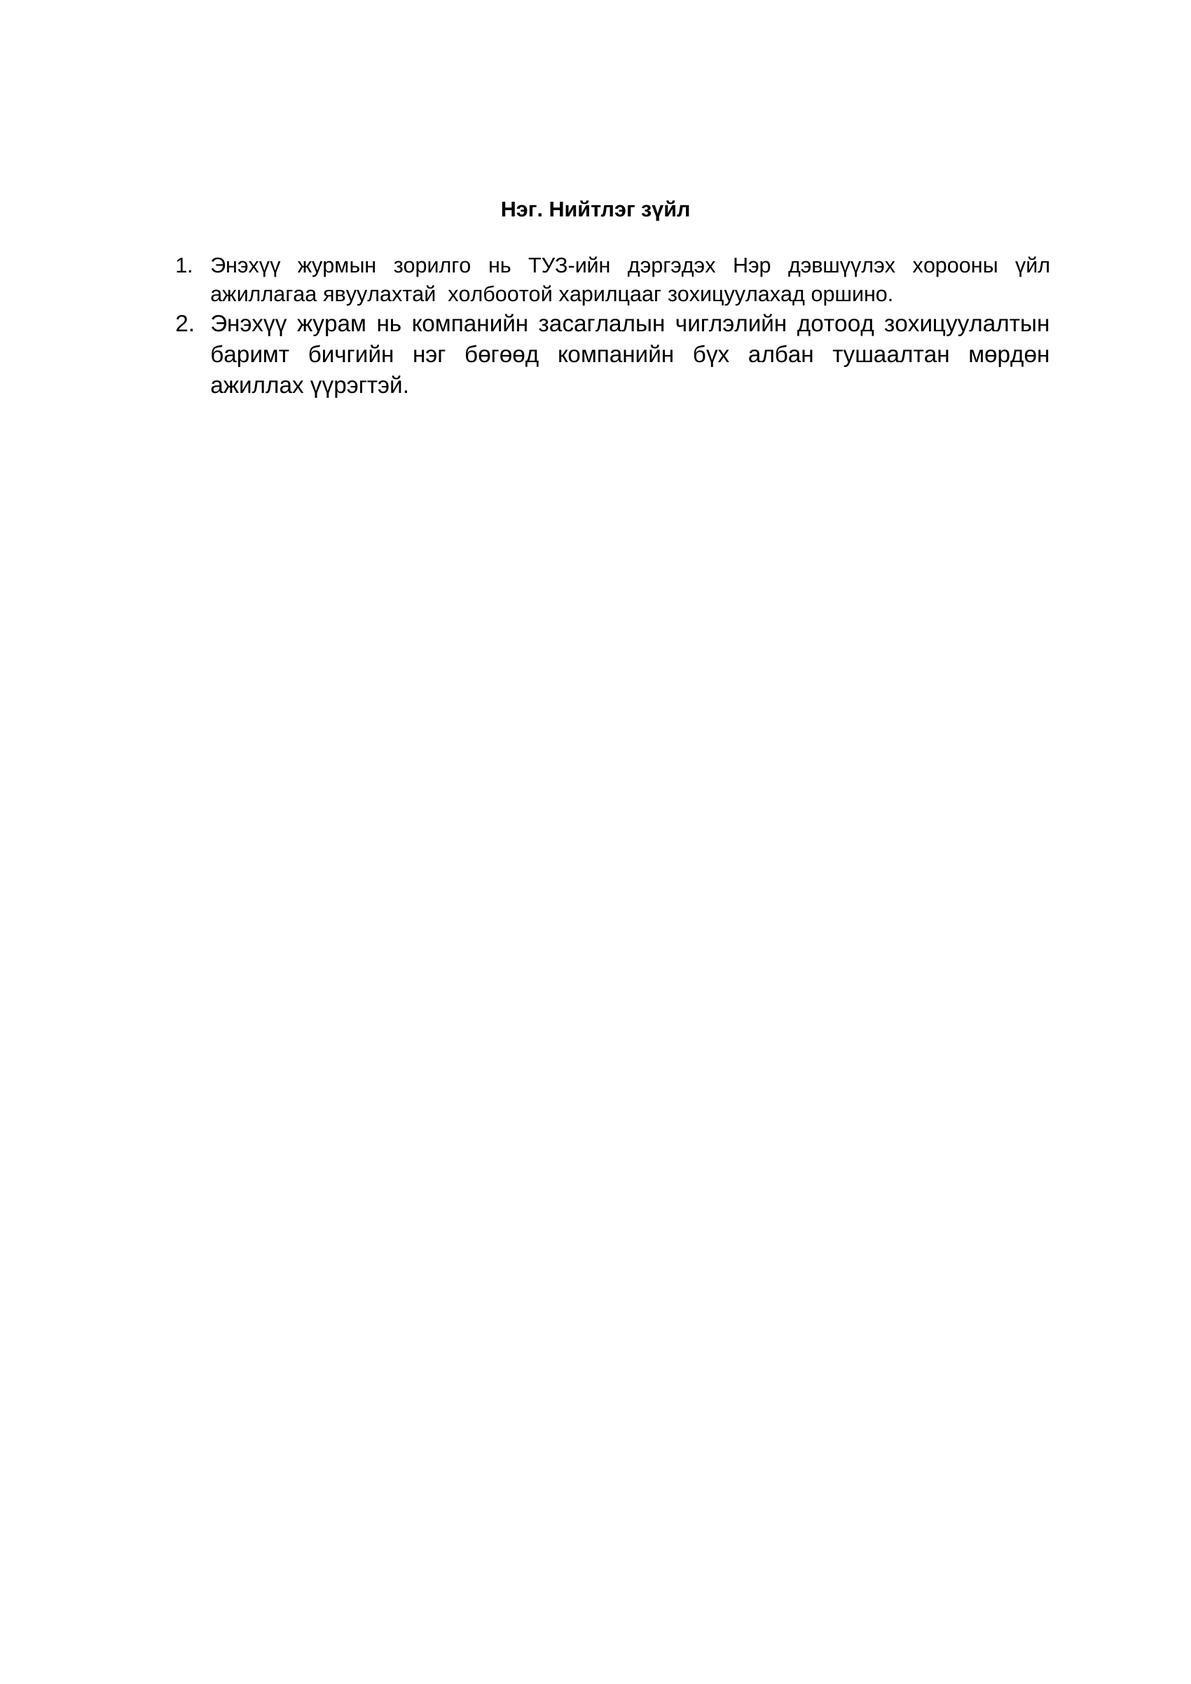 ТУЗ-ийн Нэр дэвшүүлэх хорооны ажиллах журам-1